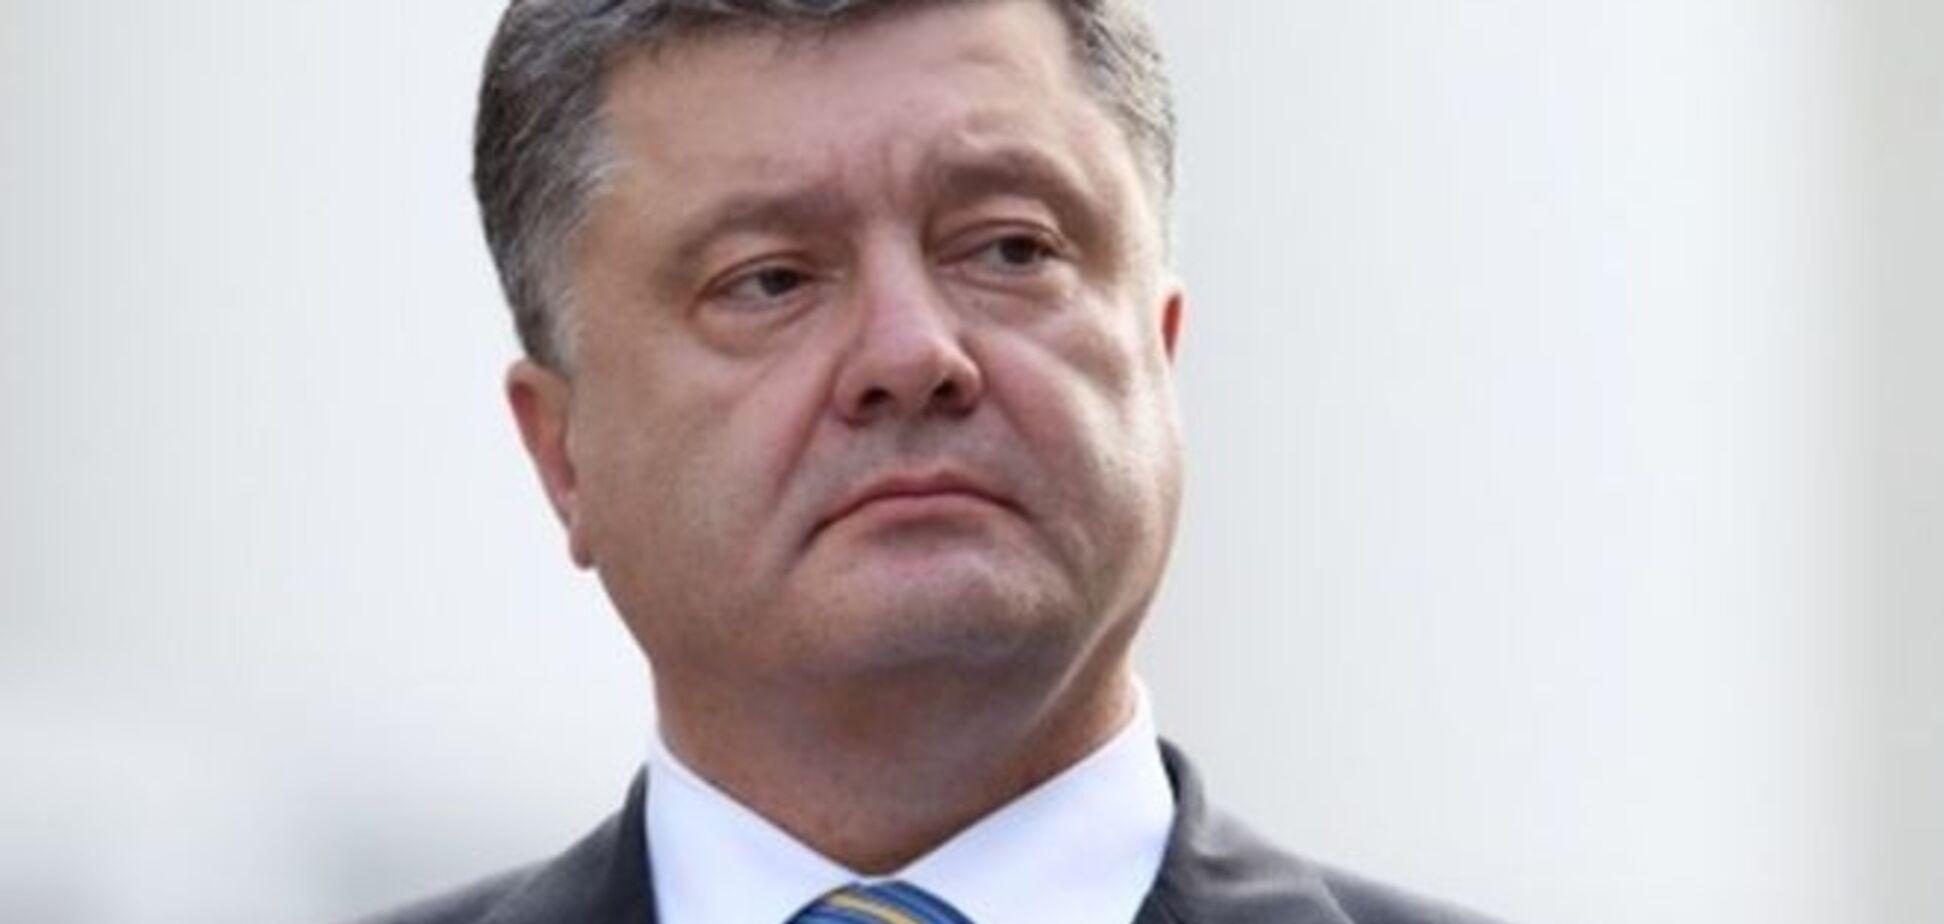 Русскоязычные бойцы АТО доказывают свою любовь к Украине не языком - Порошенко